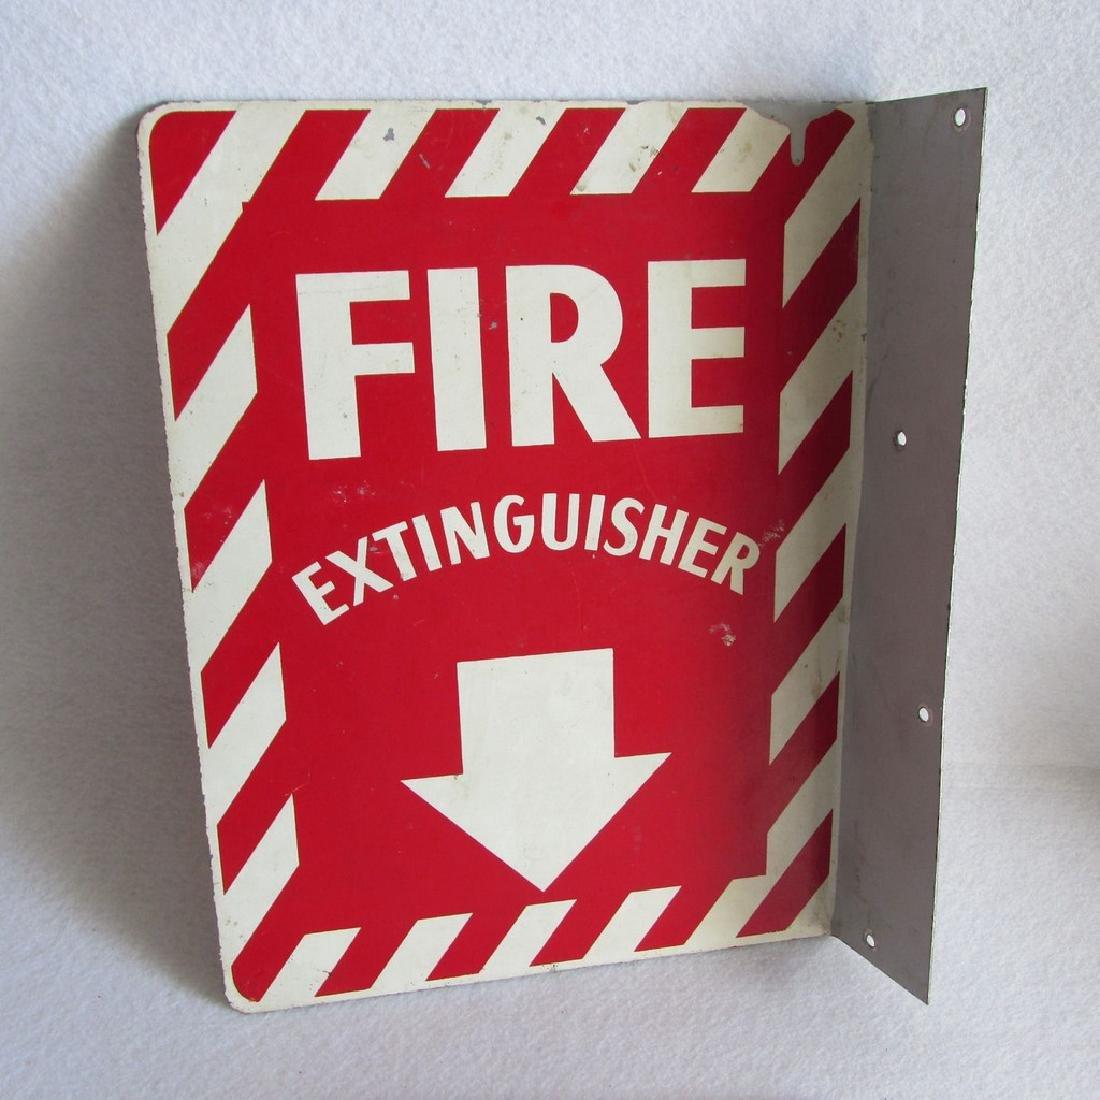 Vintage Fire Extinguisher Sign, Industrial Metal Flange